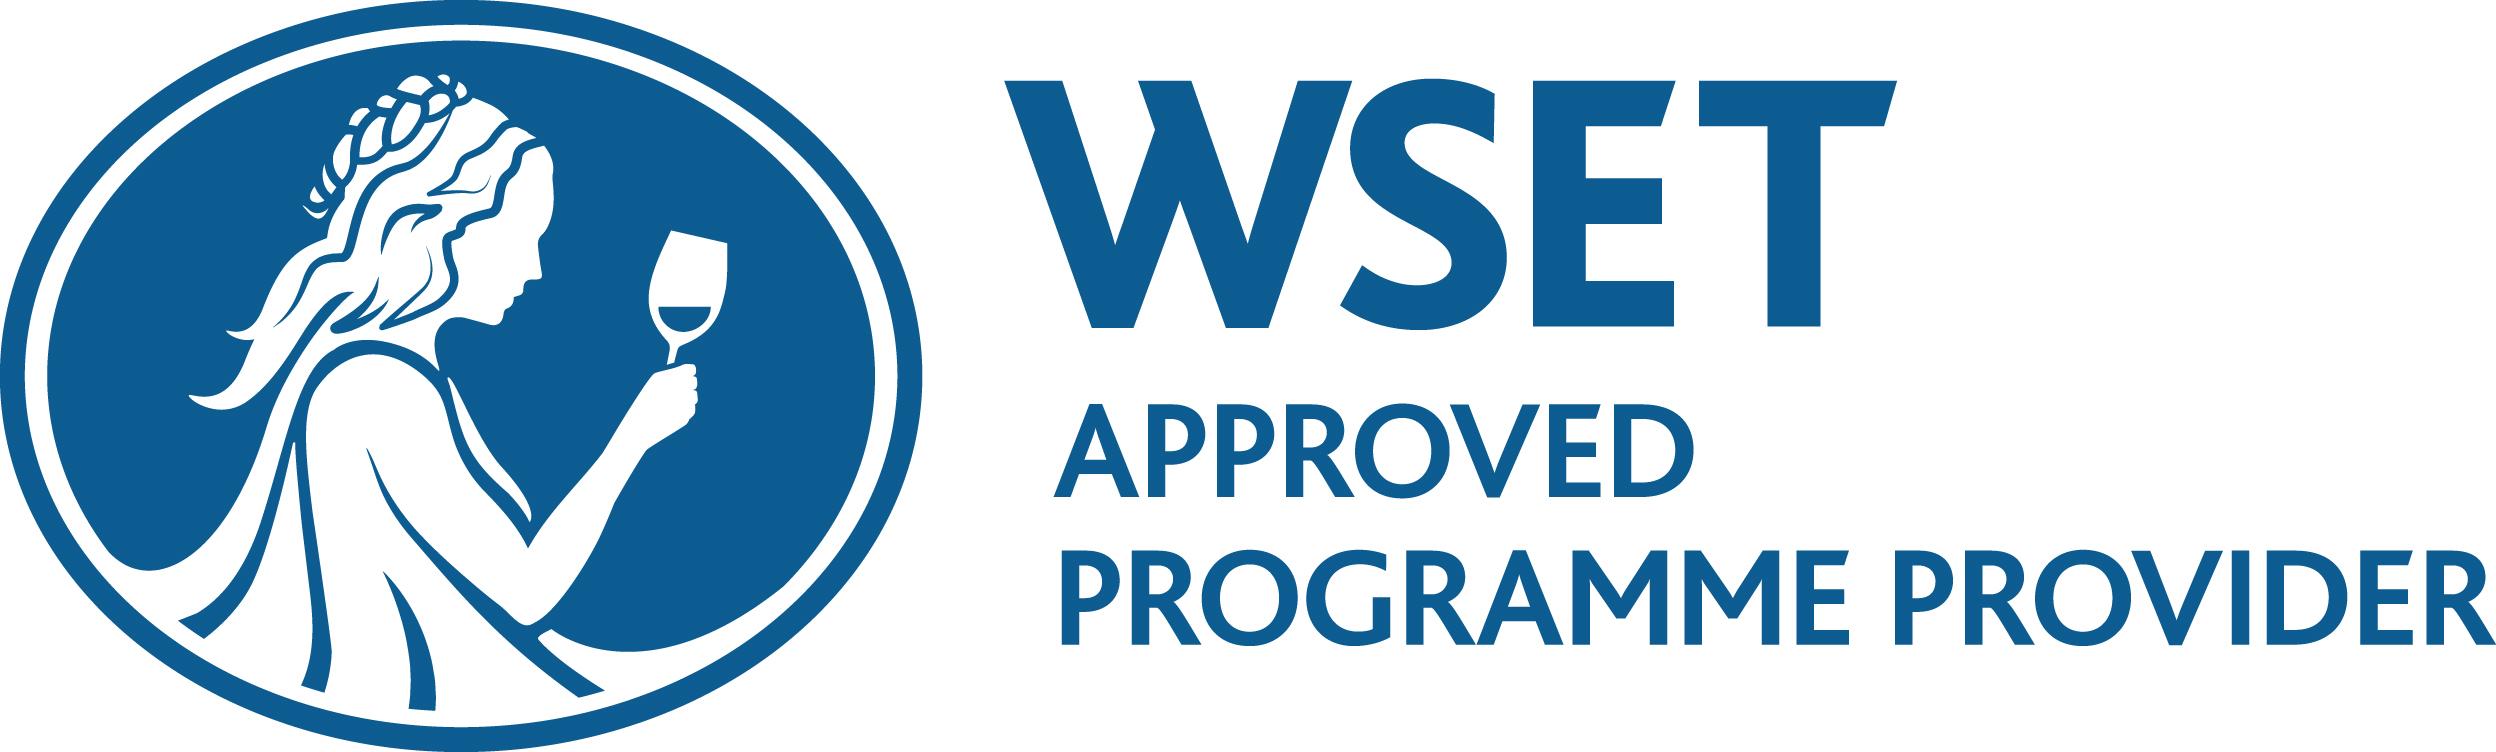 WSET在年前刚刚更新了新版Logo